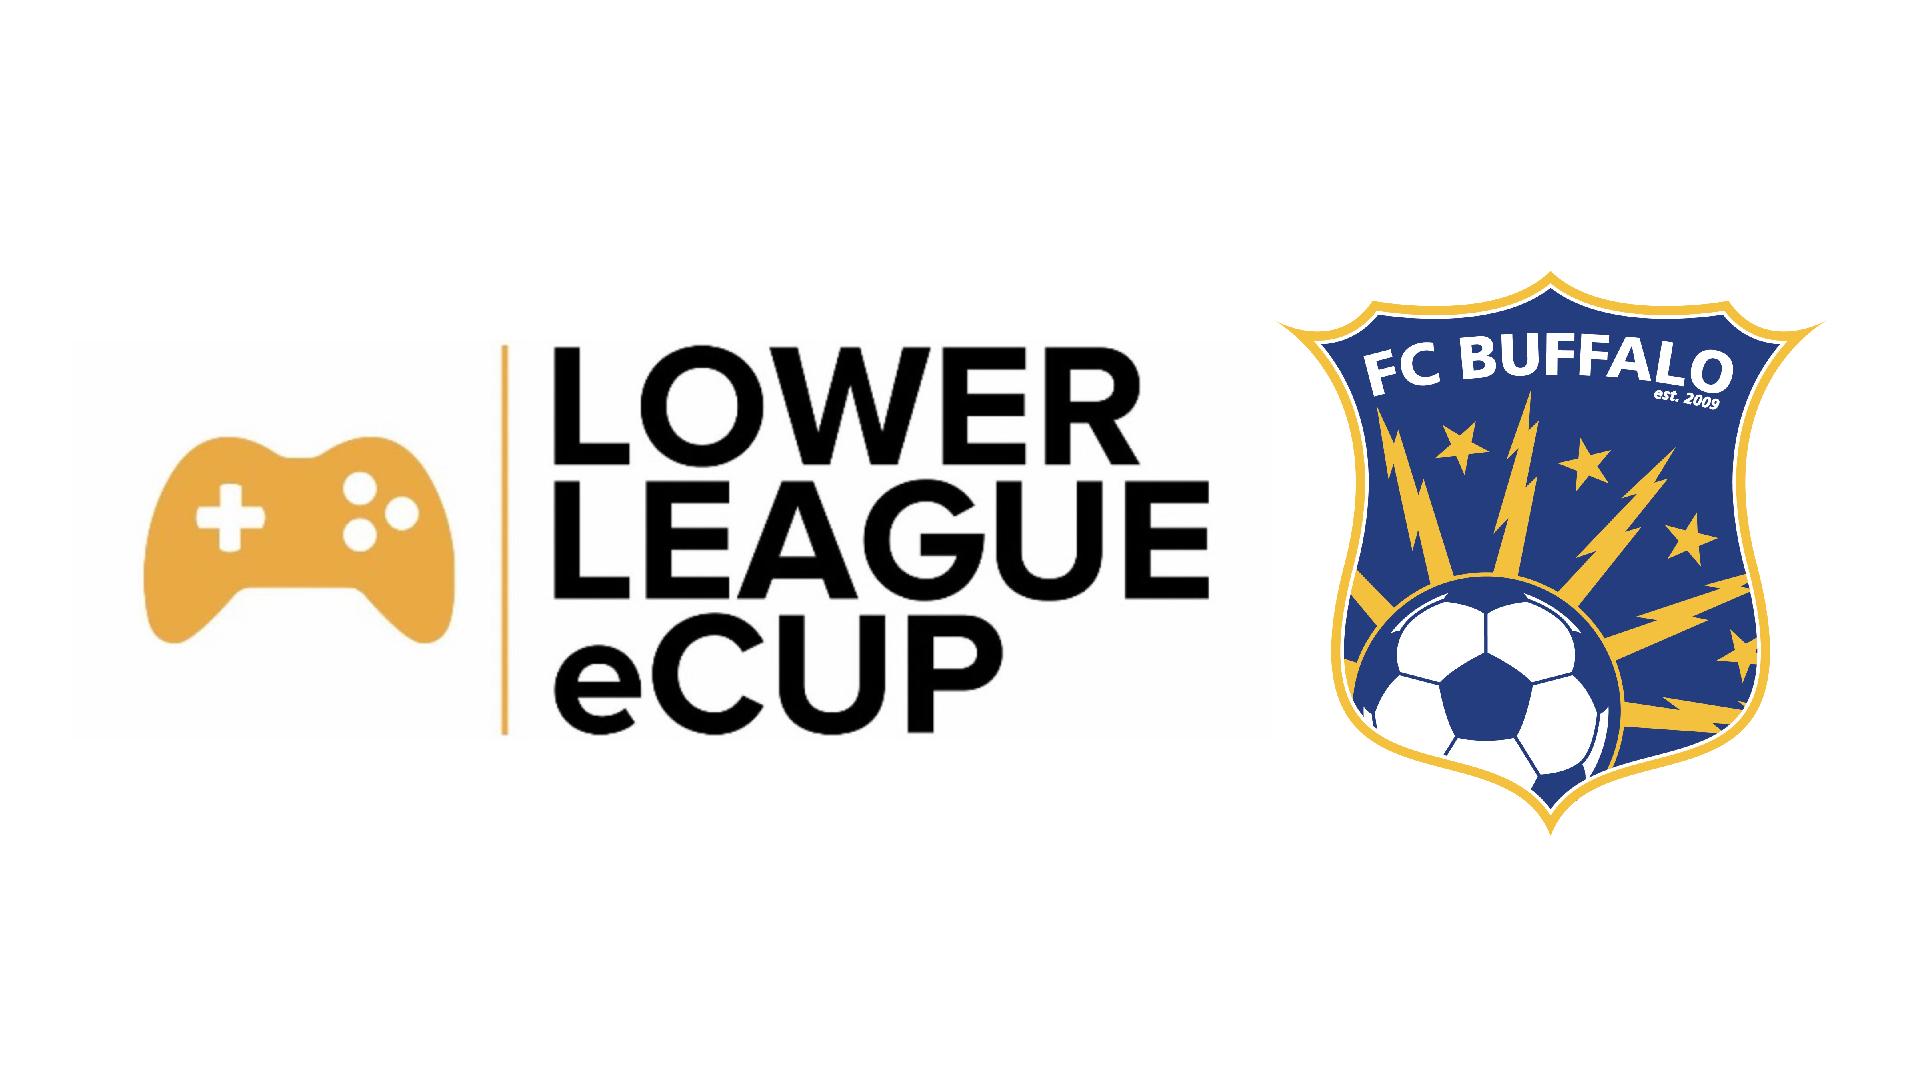 Lower League eCup